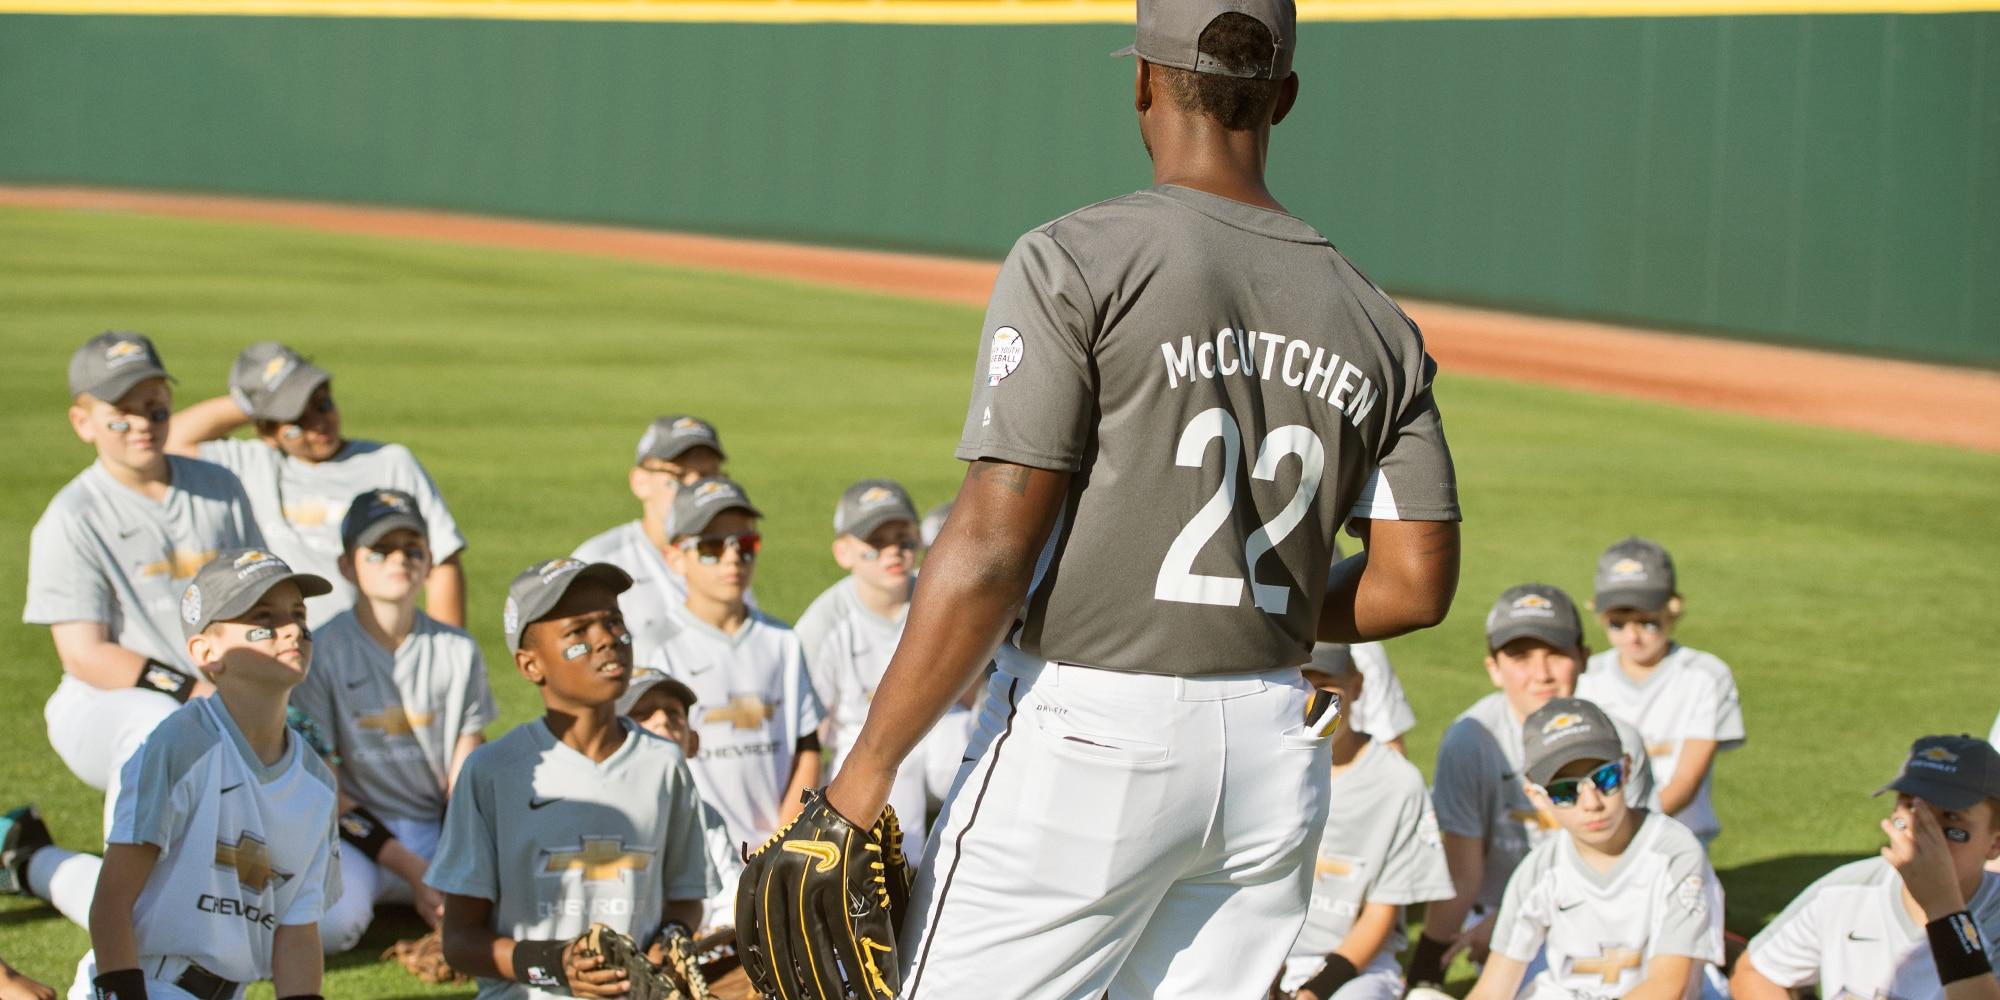 Béisbol juvenil Chevy: Andrew McCutchen 3